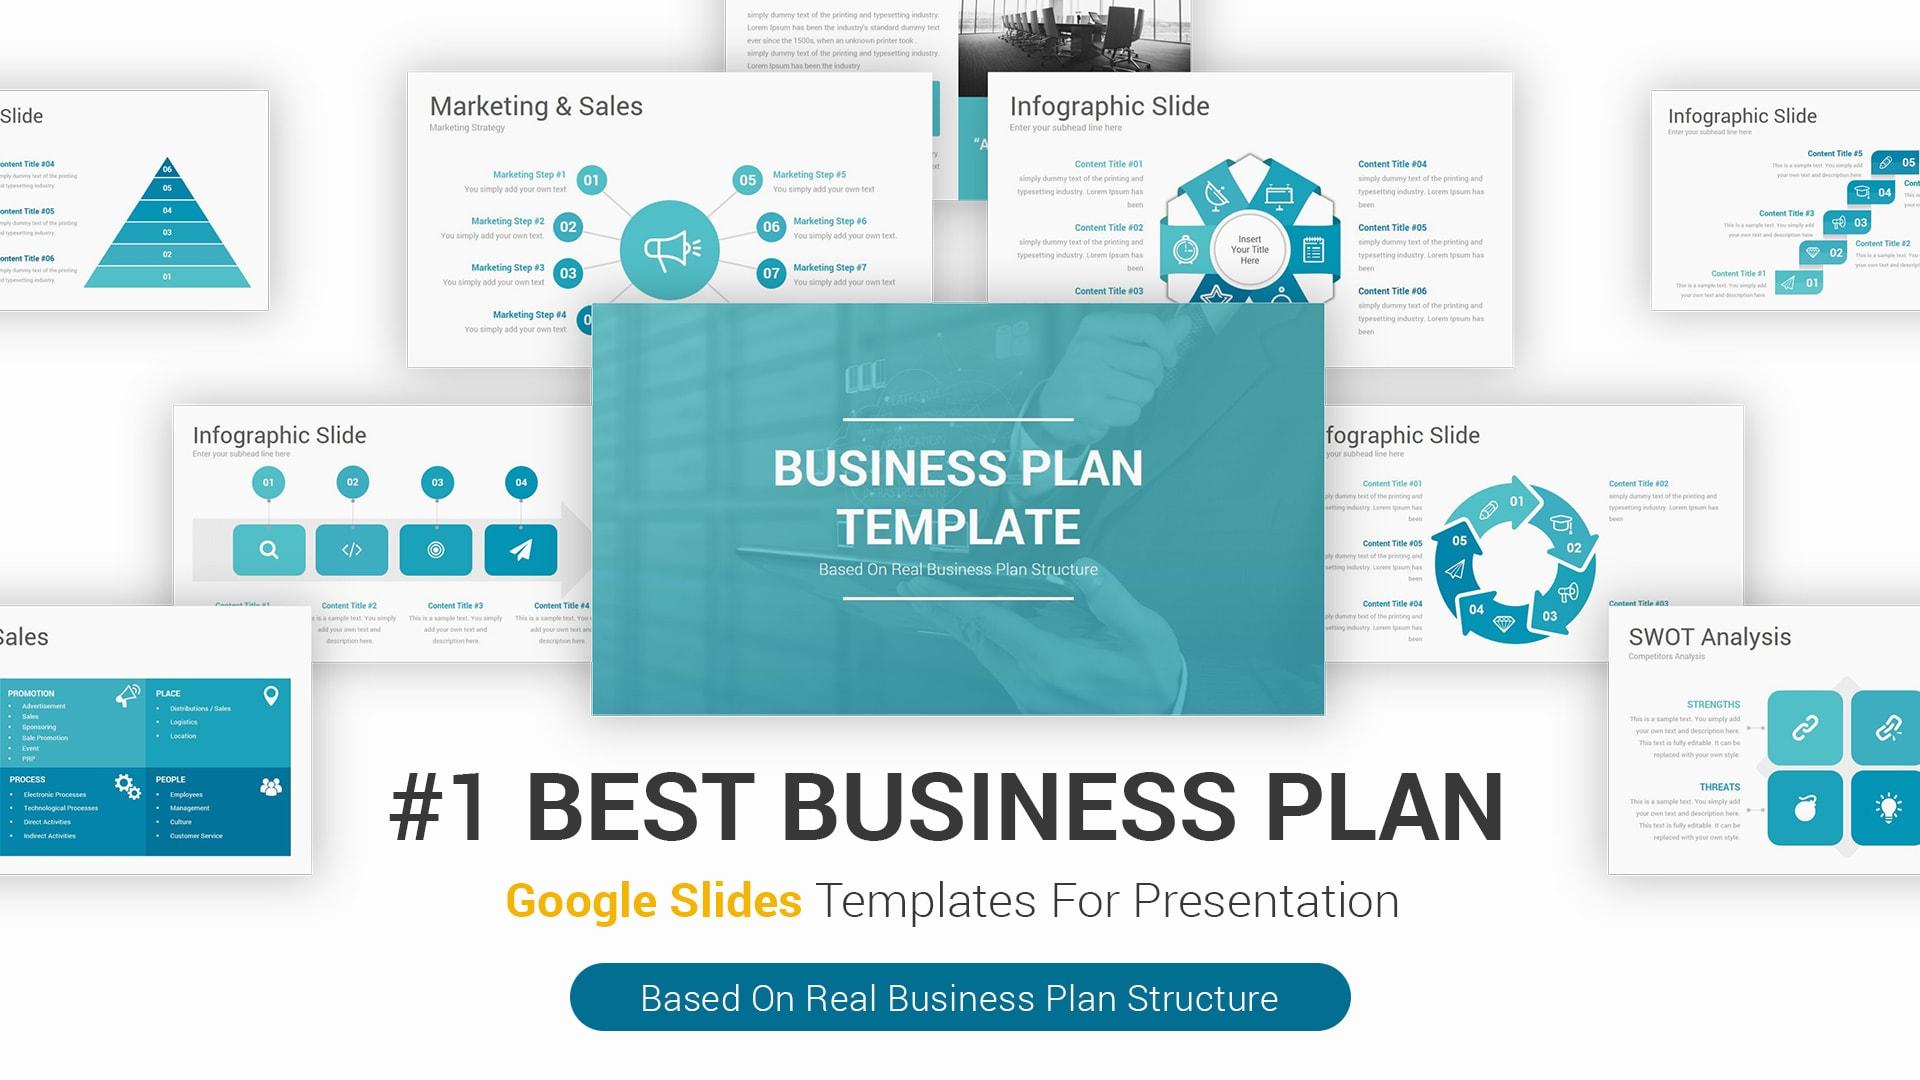 Best Business Plan Google Slides Presentation Template - Multipurpose Google Slides Template